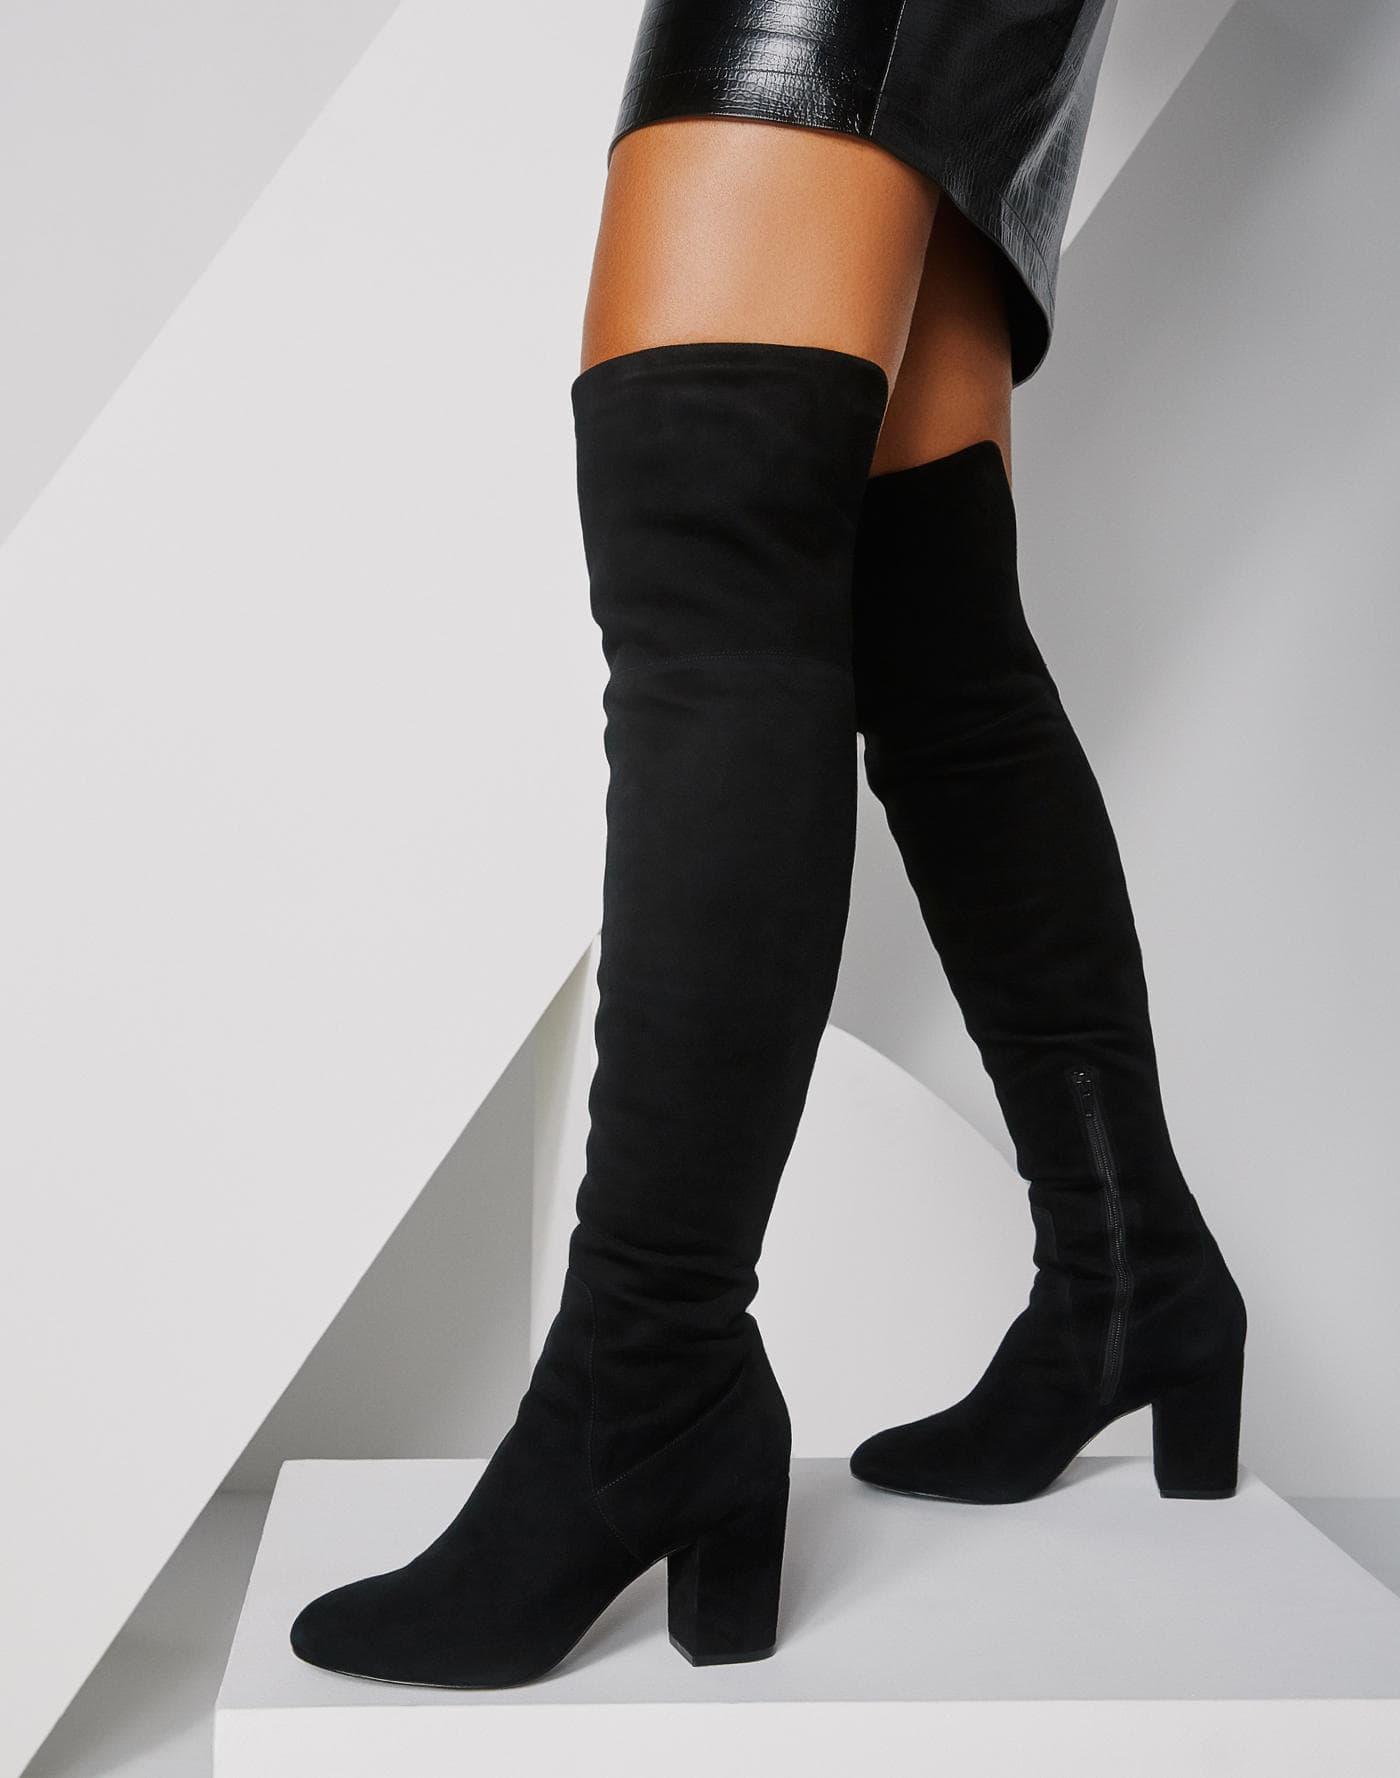 075b33d5c85 Boots